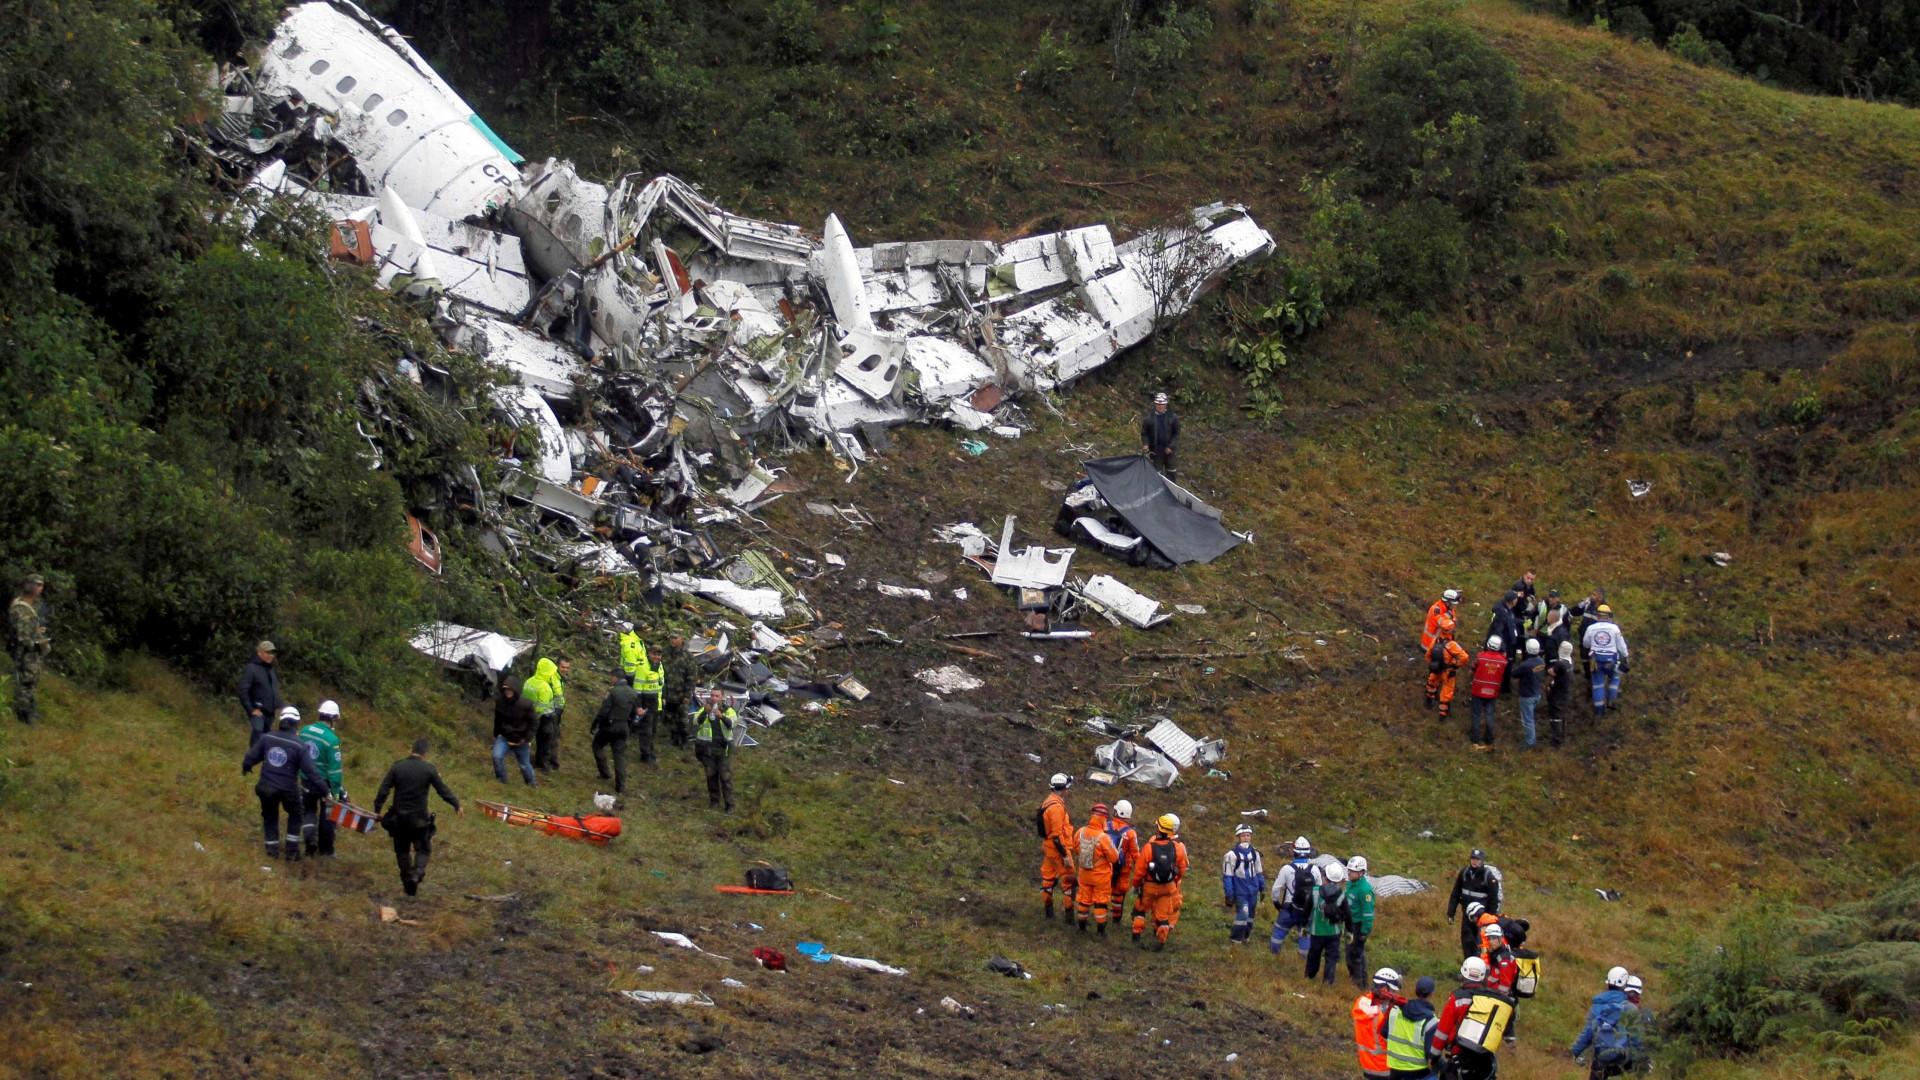 Acidente aéreo que vitimou Chapecoense: Tudo o que se sabe até agora